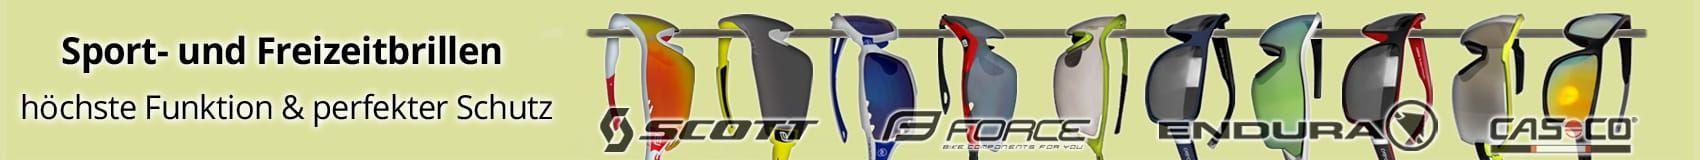 Sport- und Freizeitbrillen bieten höchste Funktionen und perfekten Schutz